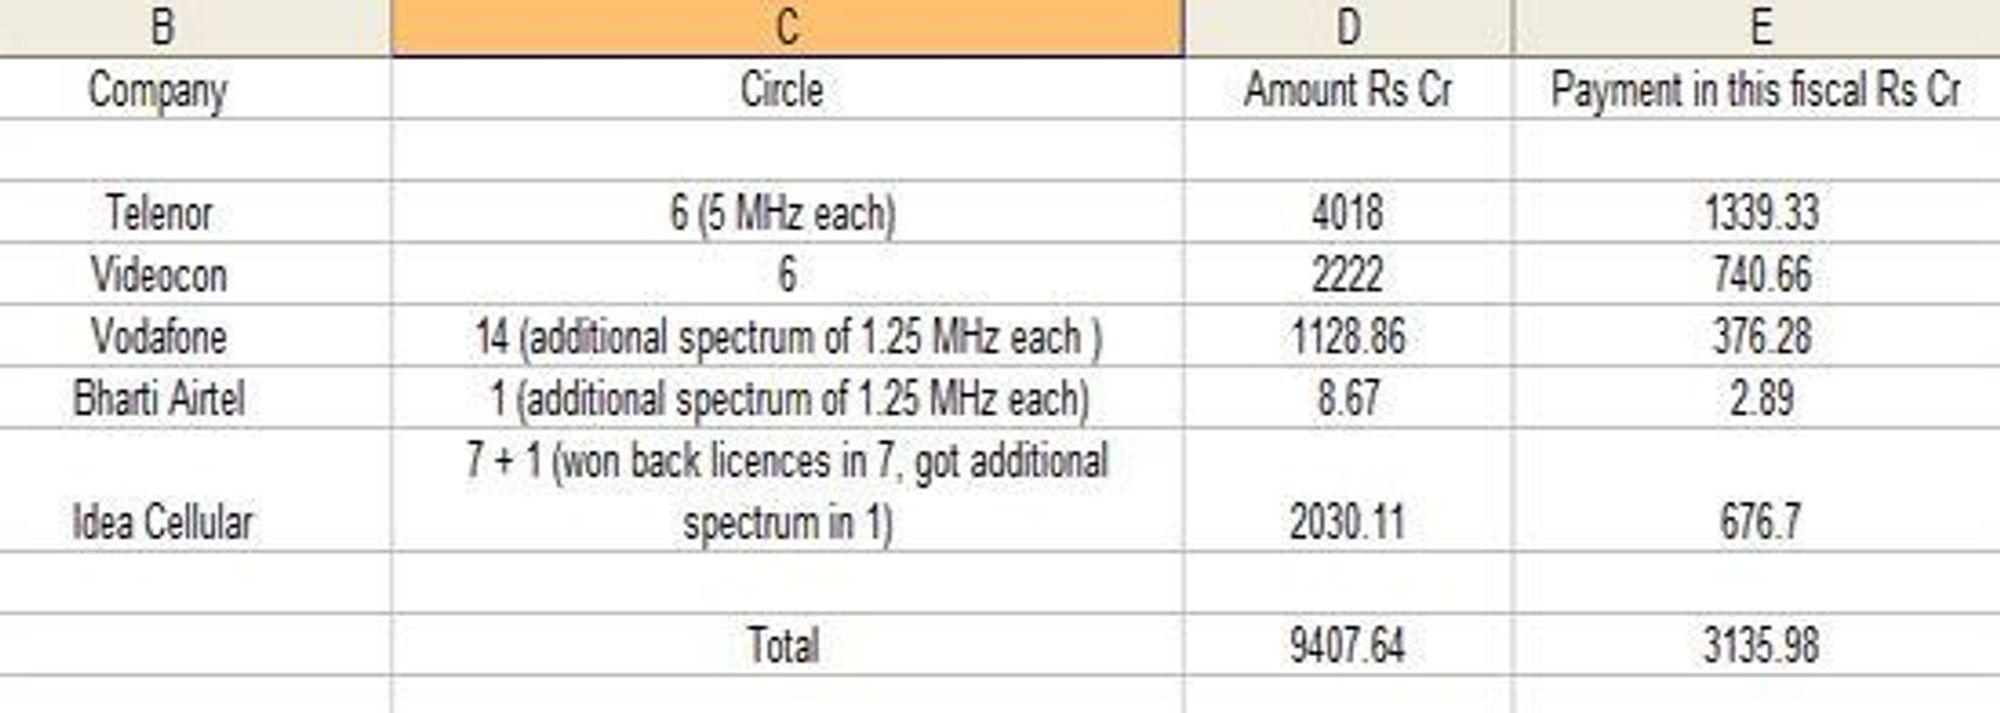 Resultatet av 2G-auksjonen, slik myndighetene legger det fram. «Rs Cr» står for «rupees crore». En crore er 10 millioner. 9407 Rs Cr er følgelig 94,07 milliarder rupi, som tilsvarer 9,86 milliarder kroner.